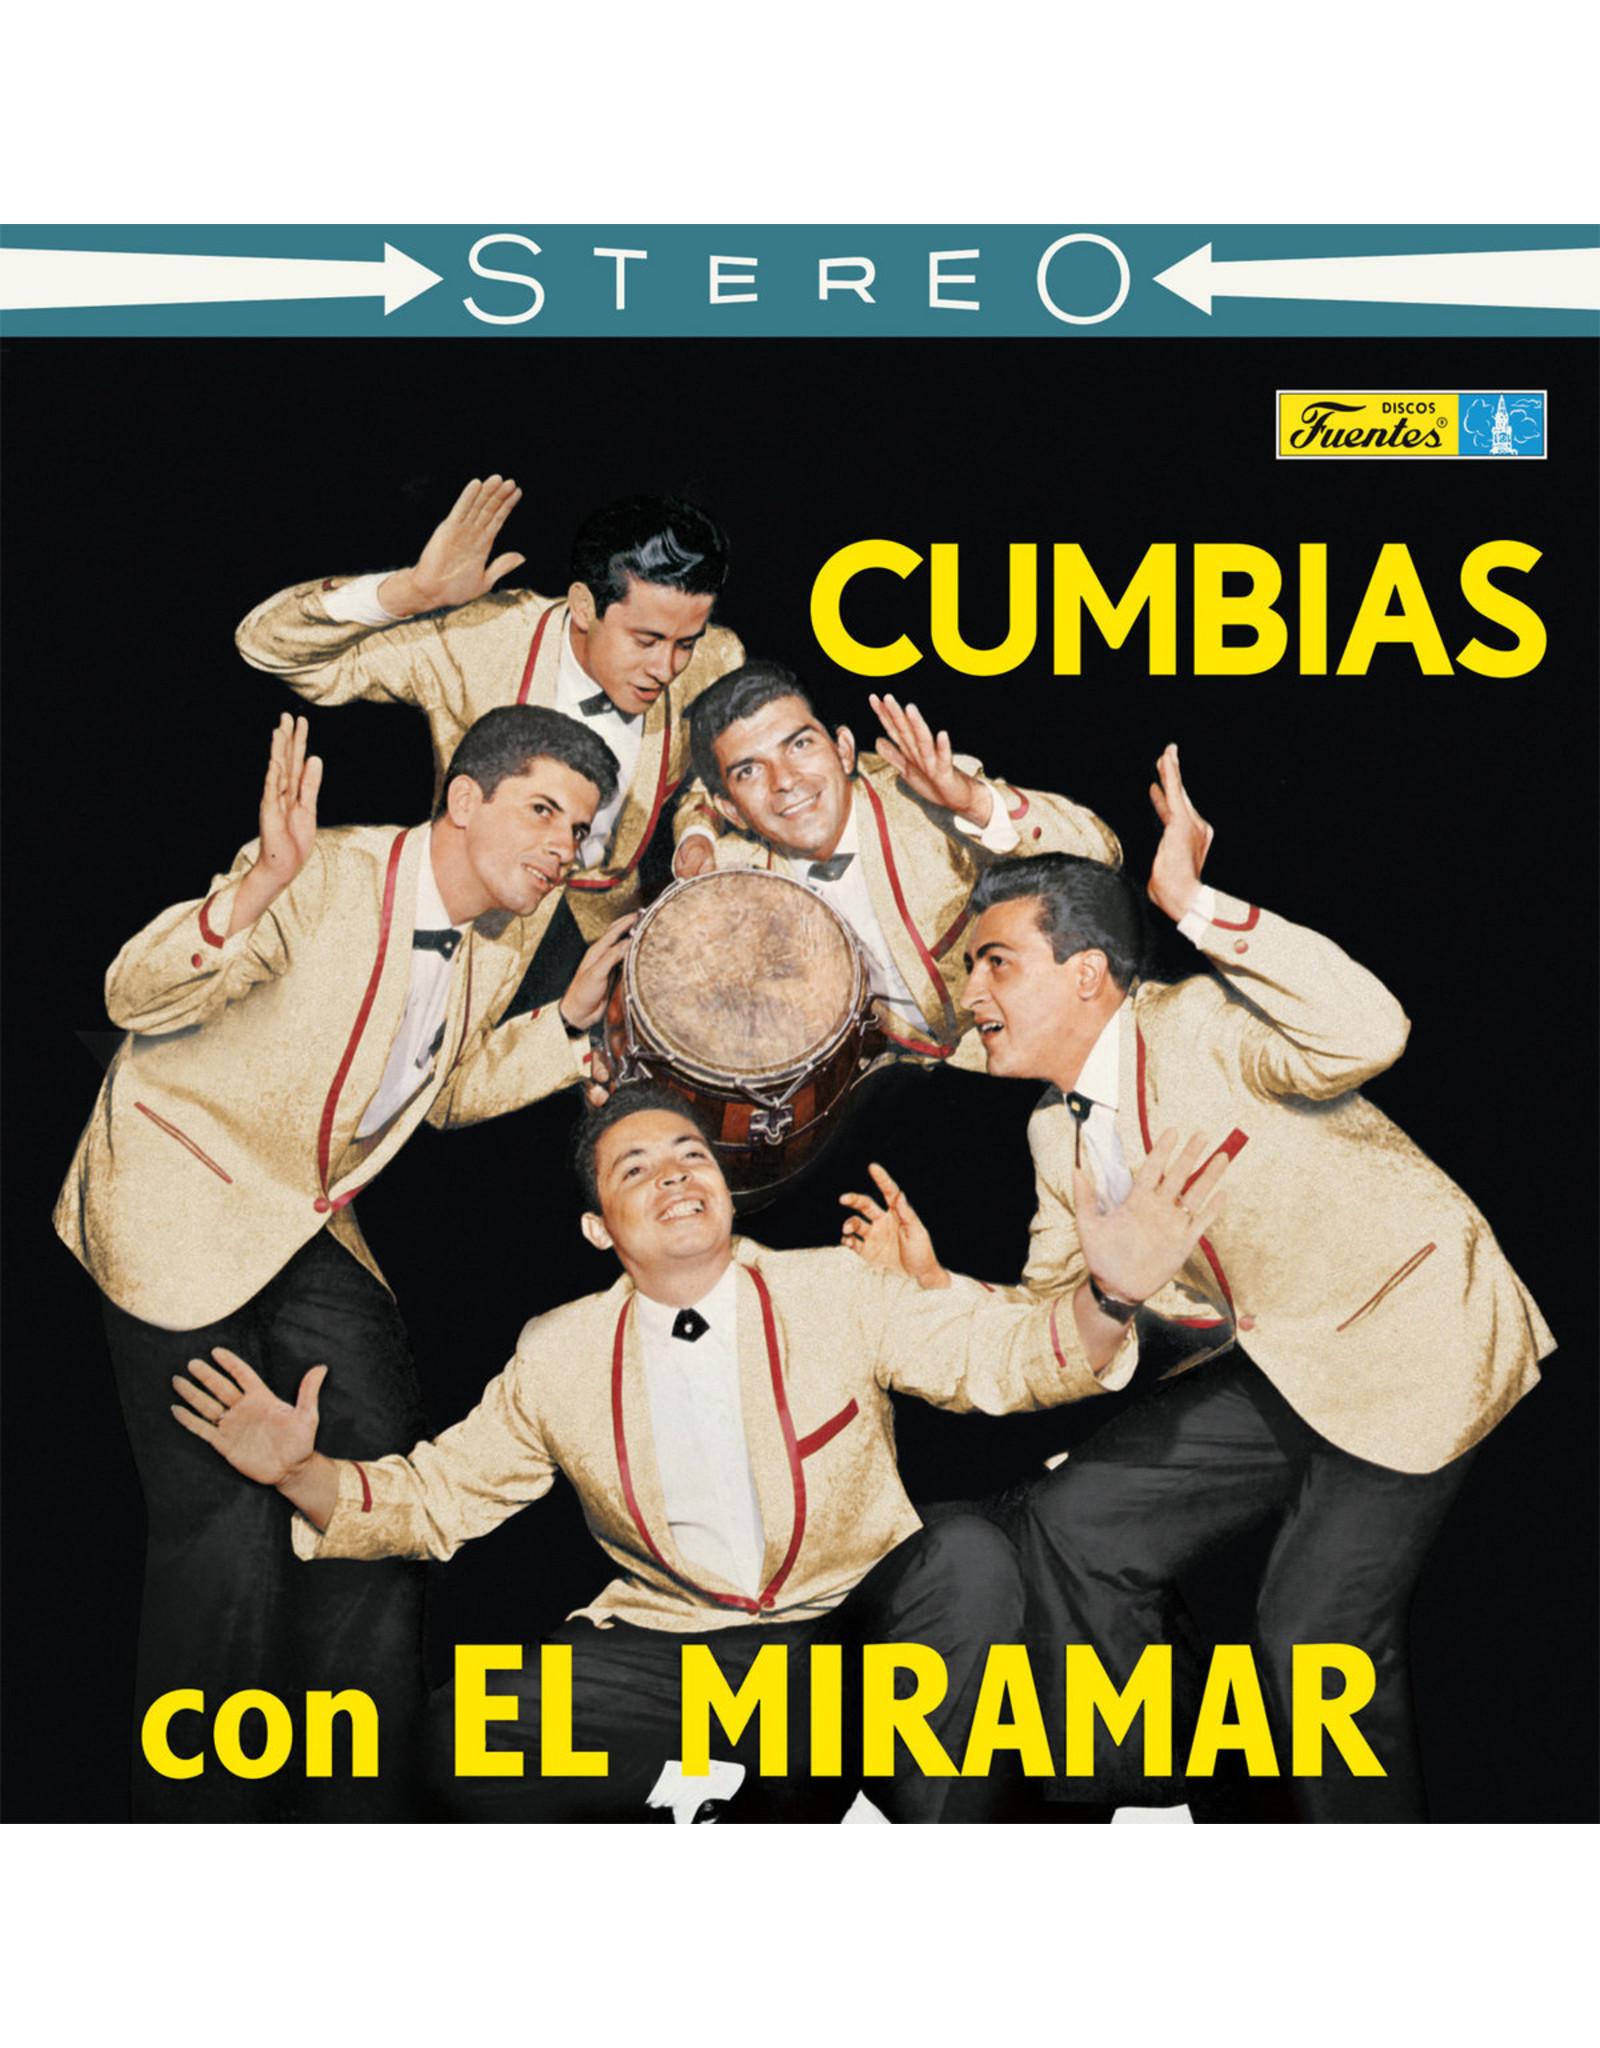 New Vinyl Conjunto Miramar - Cumbias Con El Miramar LP